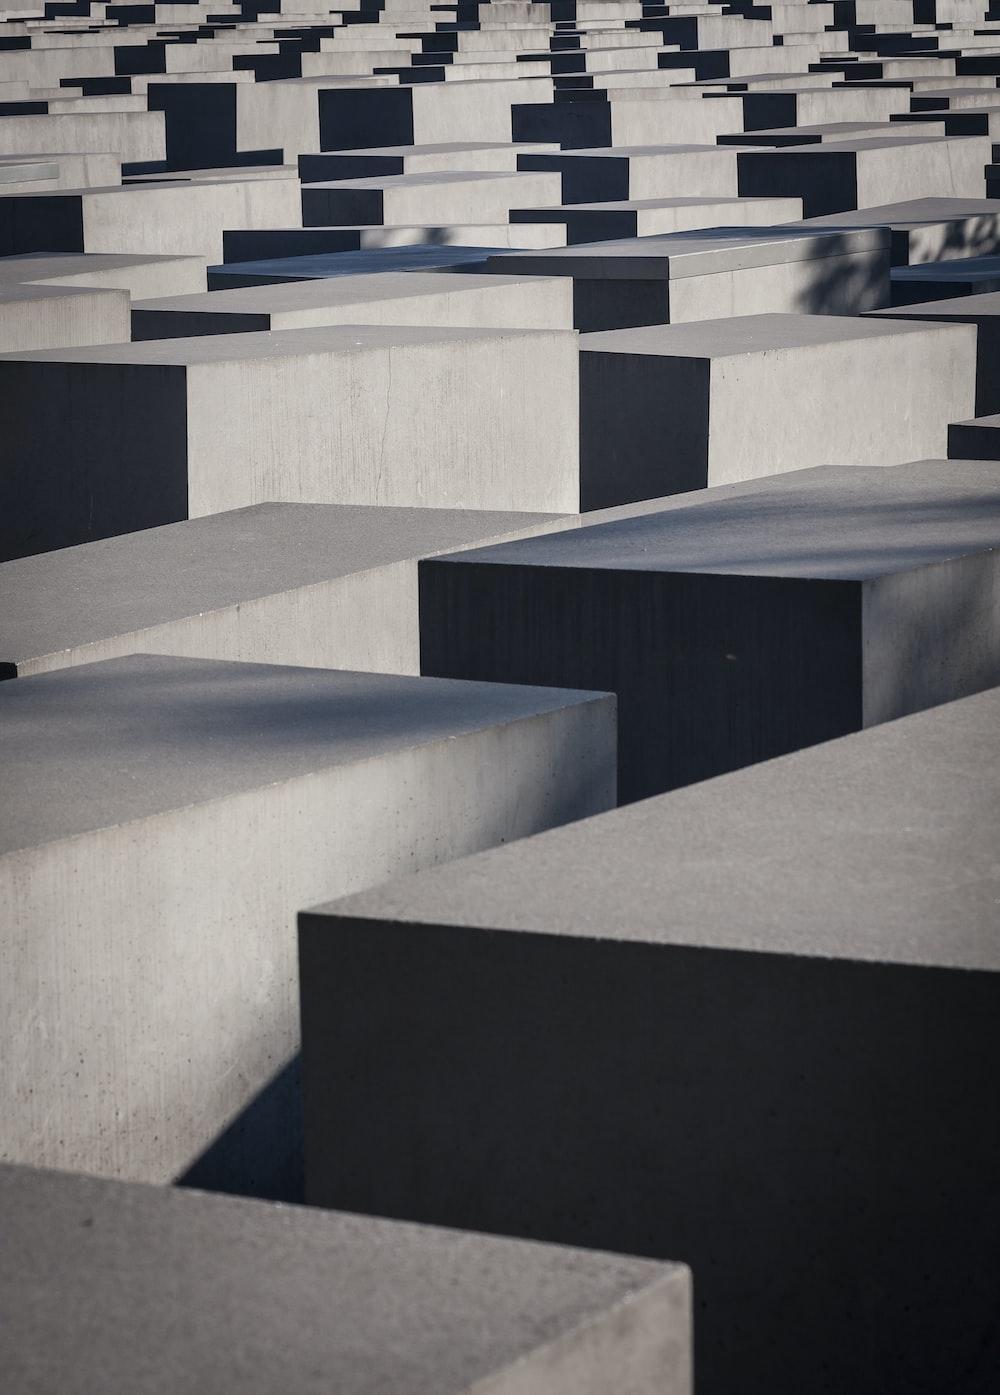 gray cube maze blocks photography